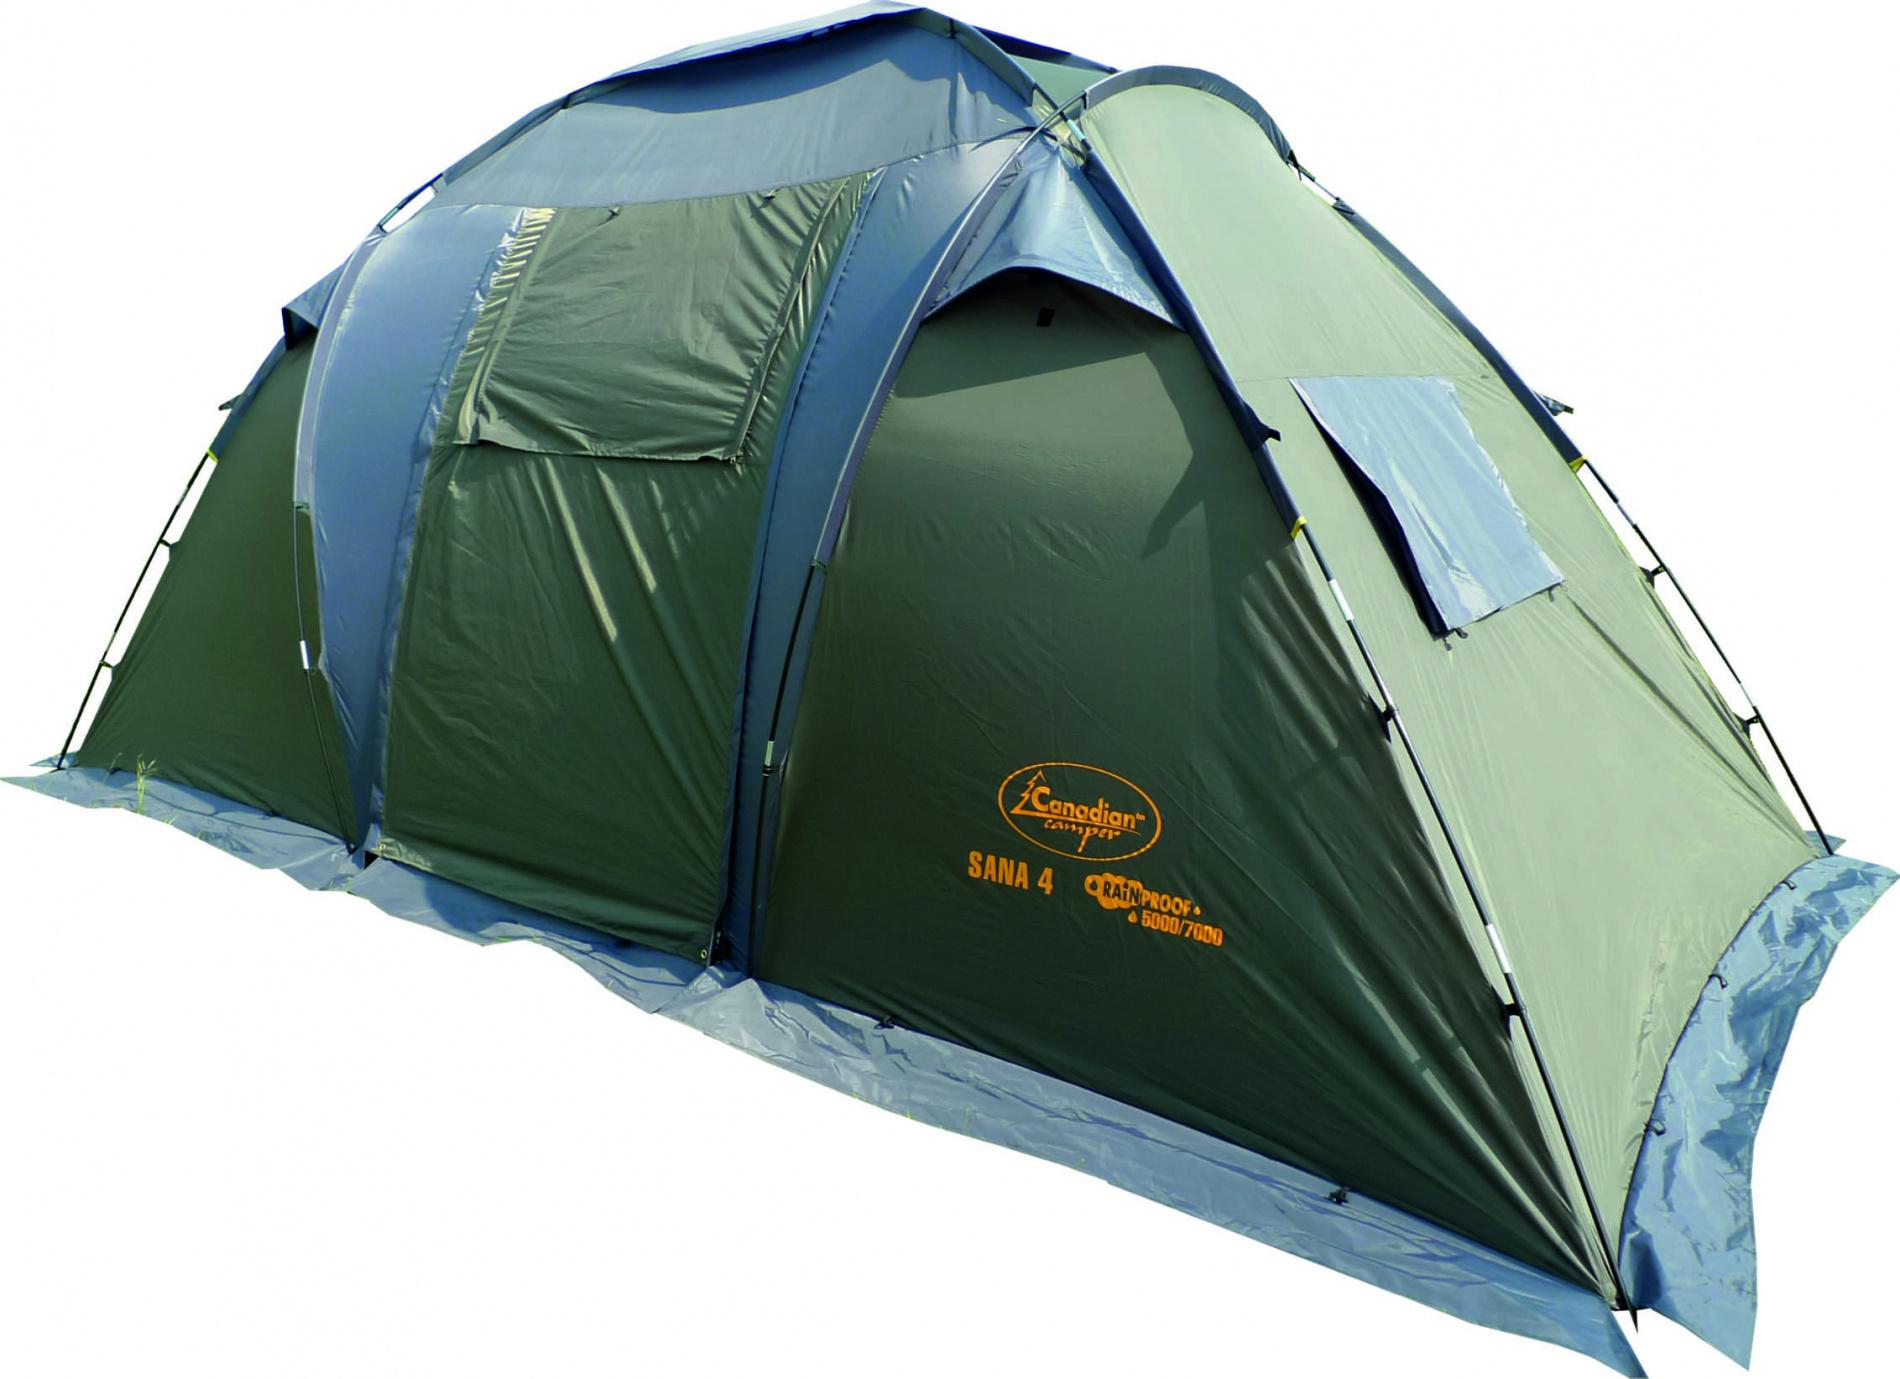 """Палатка Canadian Camper SANA 4 (цвет forest дуги 11/9,5 Палатки<br>SANA 4 - двухспальная кемпинговая палатка. <br>В отличие от предыдущих моделей, палатка <br>Sana 4 имеет две спальные двухместные комнаты, <br>которые разделены просторным центральным <br>тамбуром. В одной из комнат Вы можете уложить <br>спать детей, а в другой наслаждаться отдыхом <br>со своей прекрасной половиной. Конструкция <br>палатки позволяет оптимально организовать <br>внутреннее пространство, так как возможна <br>установка одного тента, одной или двух спален <br>под ним. Семь вентиляционных окон и два <br>входа с антимоскитными сетками по всей <br>площади обеспечат комфорт даже в очень <br>жаркий летний день. Дверь тамбура можно <br>использовать как дополнительный козырек <br>над входом. Для предотвращения проникновения <br>насекомых палатка имеет """"юбку"""" по всему <br>периметру. Палатка выпускается в двух цветовых <br>решениях - ROYAL и WOODLAND. Не комплектуется полом <br>для тамбура.<br><br>Сезон: лето<br>Цвет: зеленый"""